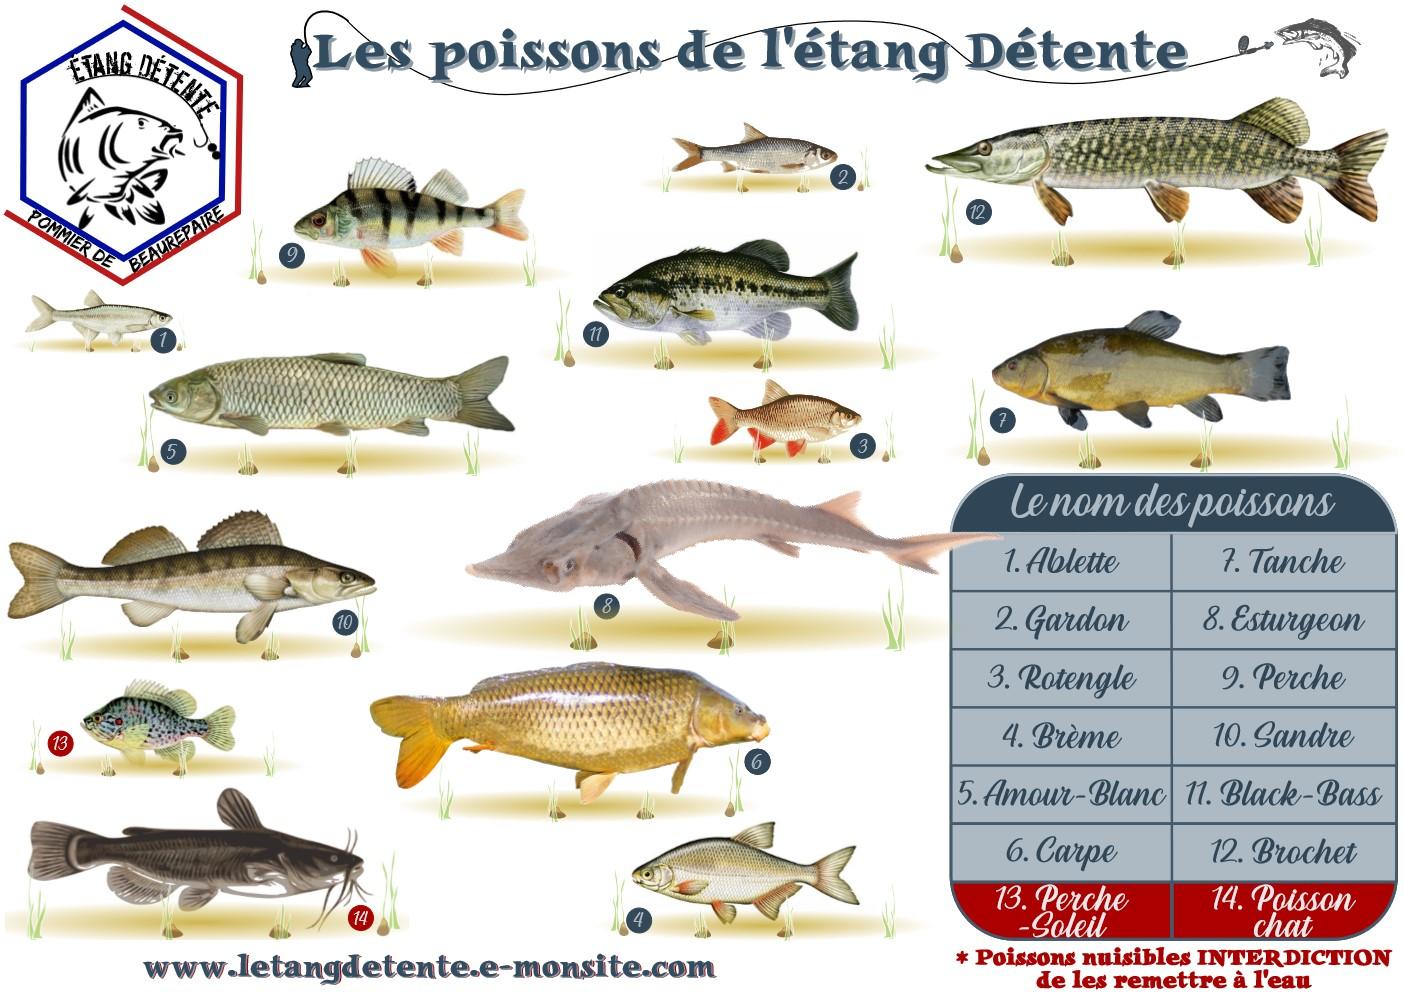 Poisson etang detente 38 pommier de beaurepaire isere peche carpe brochet carnassier 1